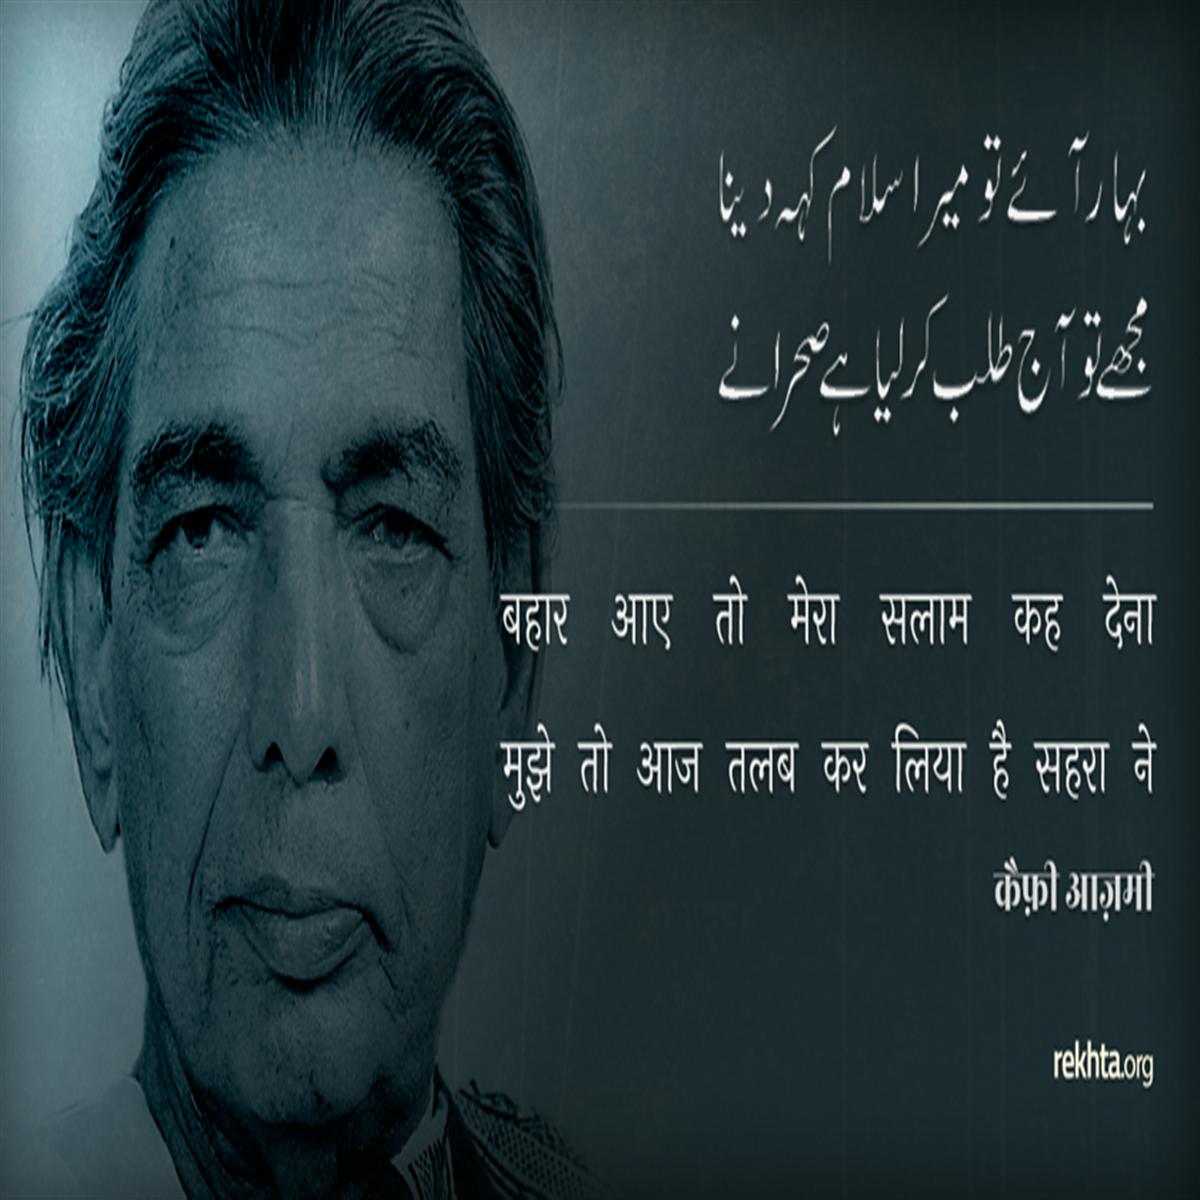 bahaar aa.e to meraa salaam kah denaa-Kaifi Azmi